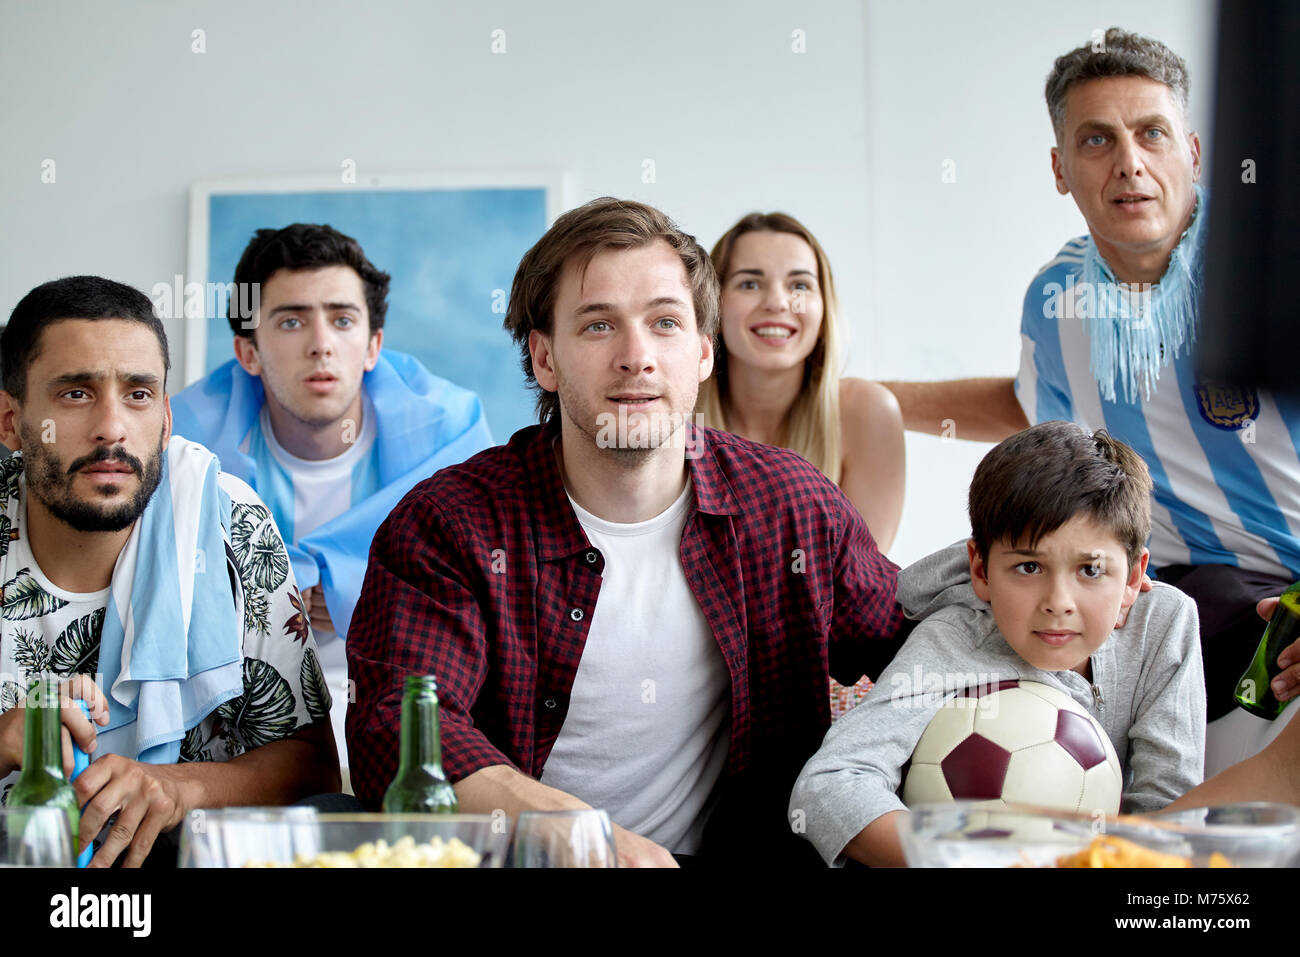 Argentinische Fußball-Fans auf Match auf TV zu Hause Stockbild